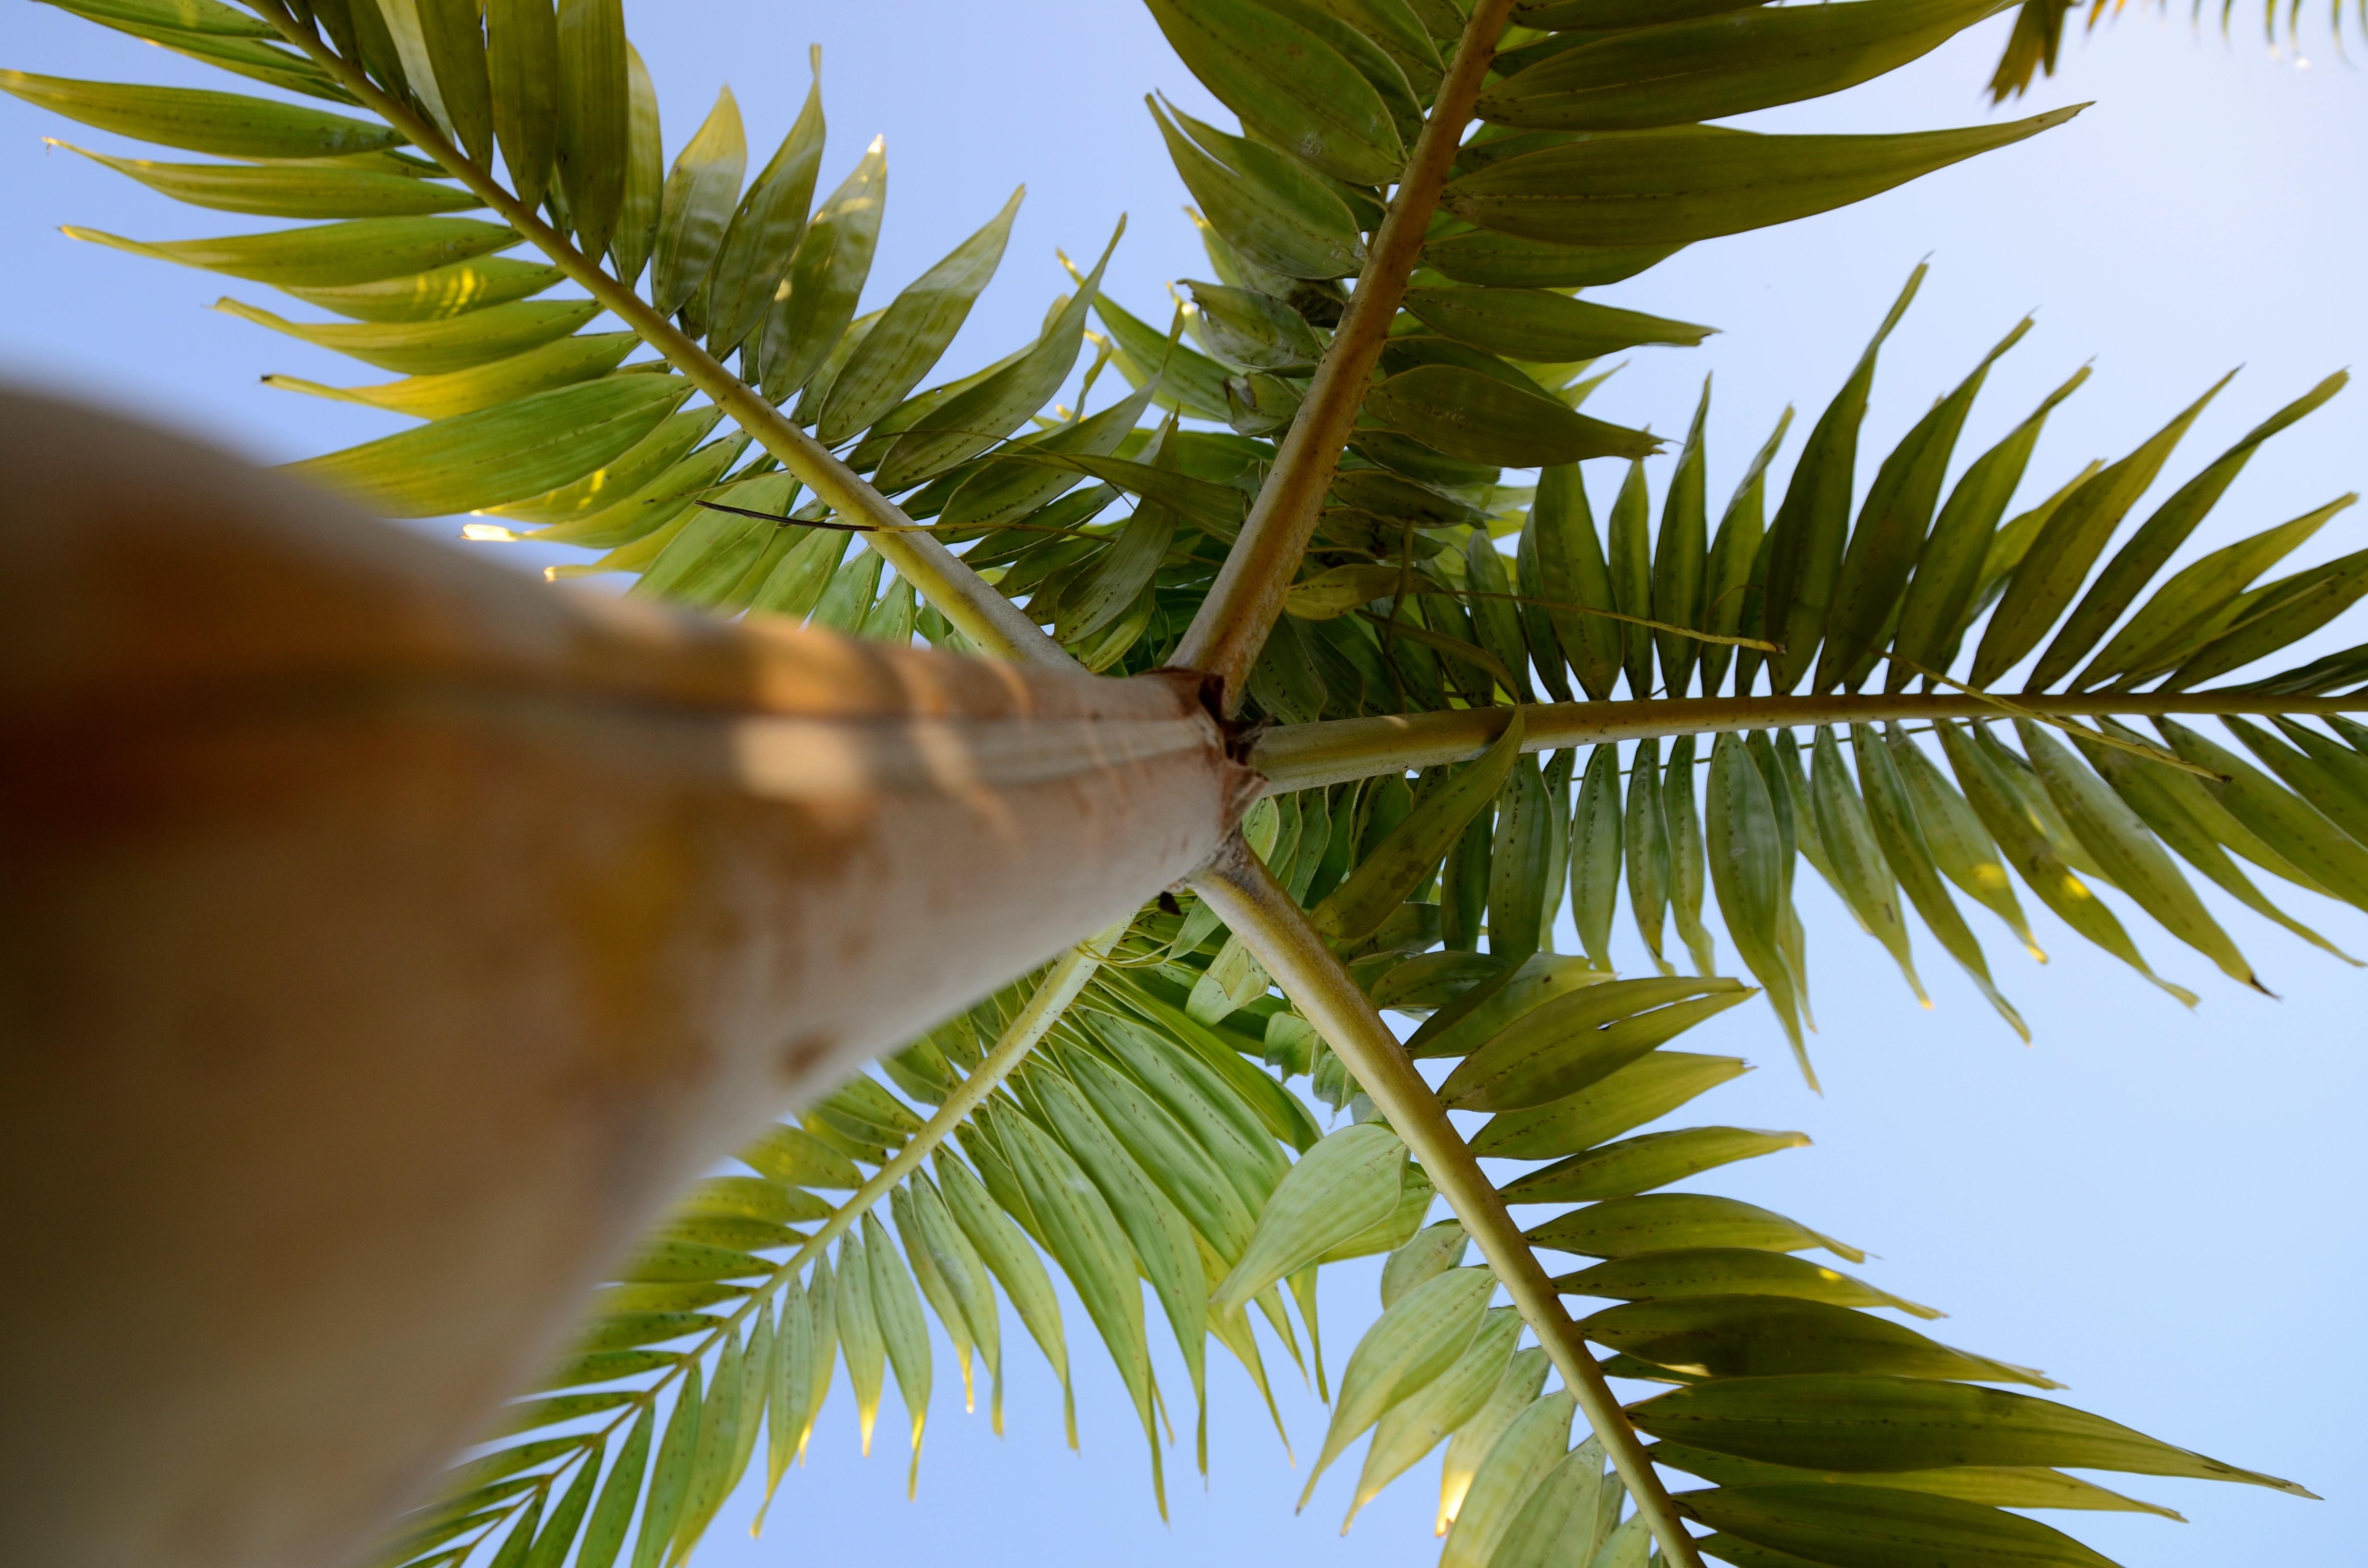 Sur le palmier, le ciel....